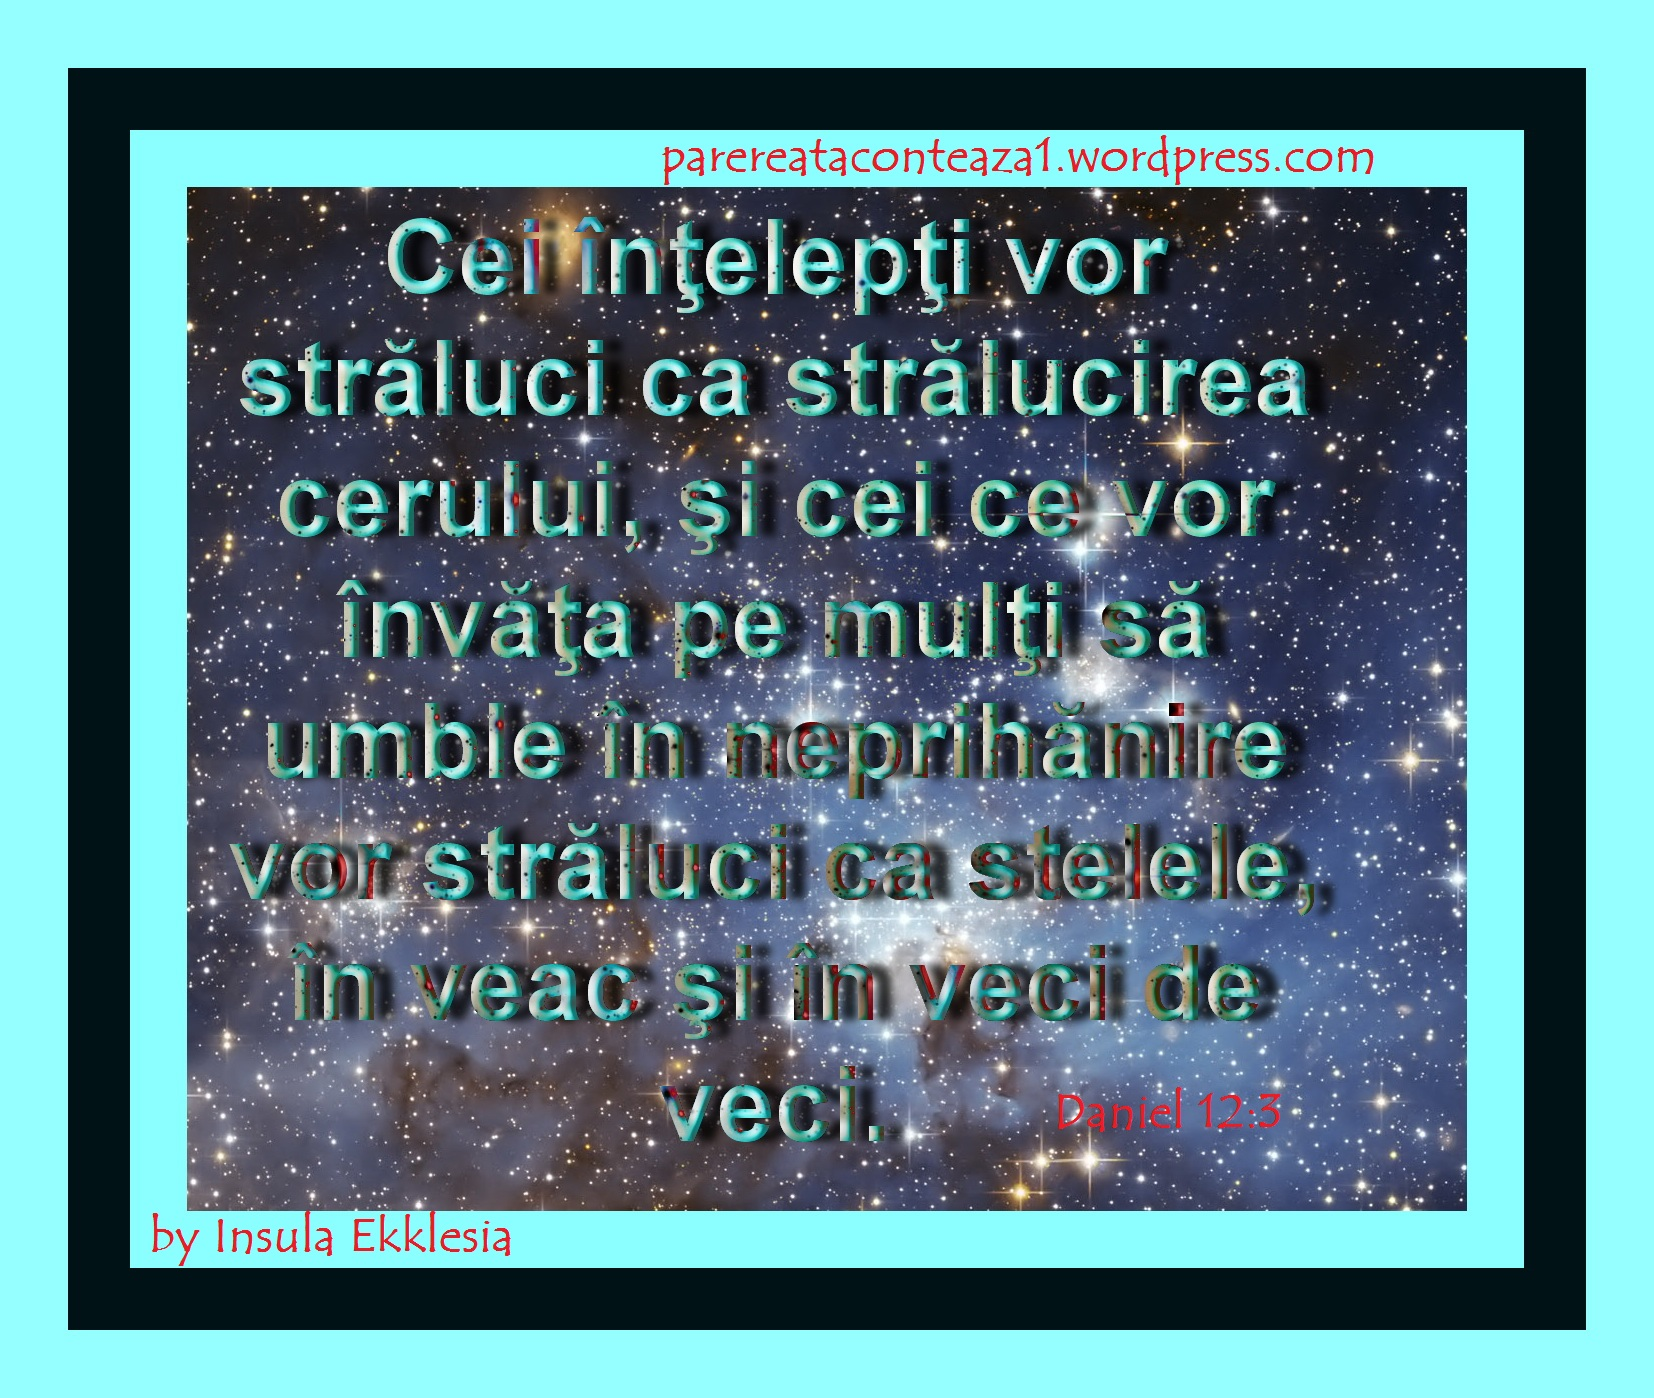 avatare_imagini_stele_desktop1